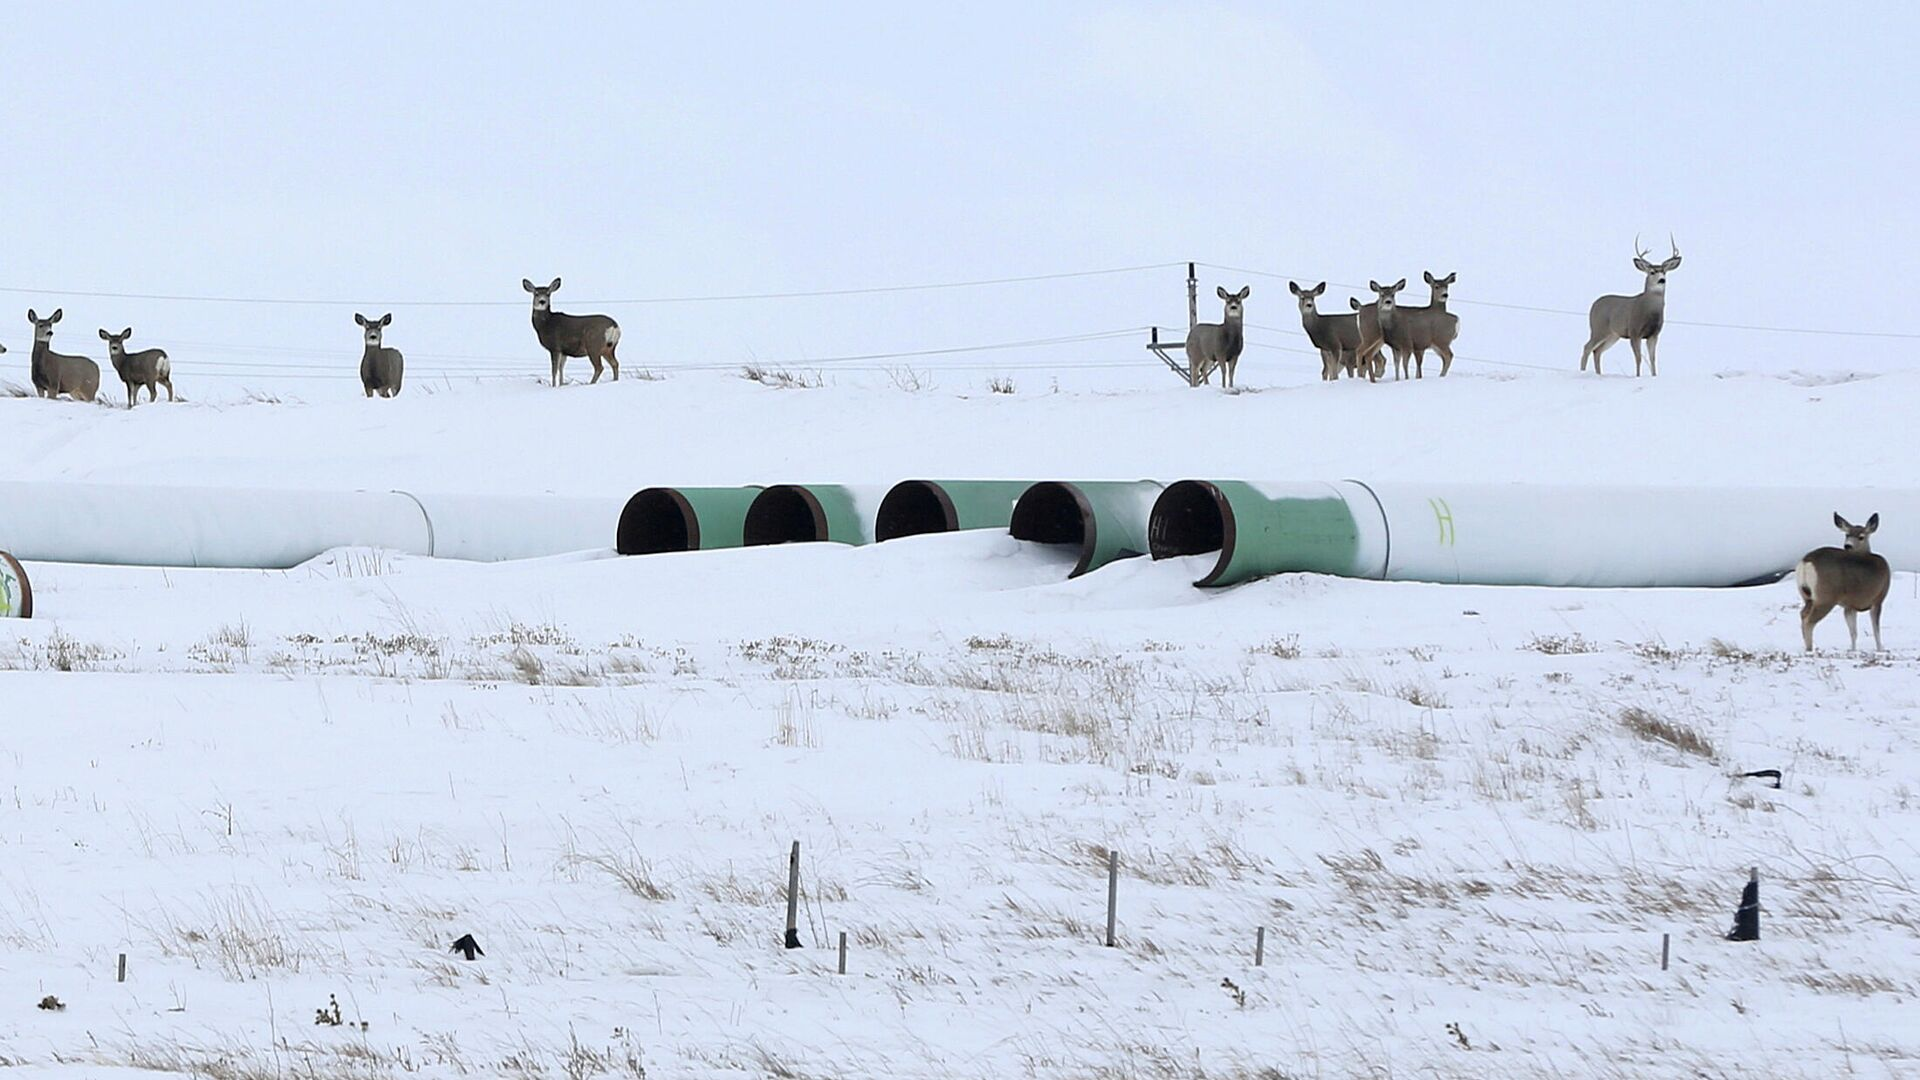 Трубы для нефтепровода Keystone XL в Гаскойне, Северная Дакота - РИА Новости, 1920, 26.01.2021